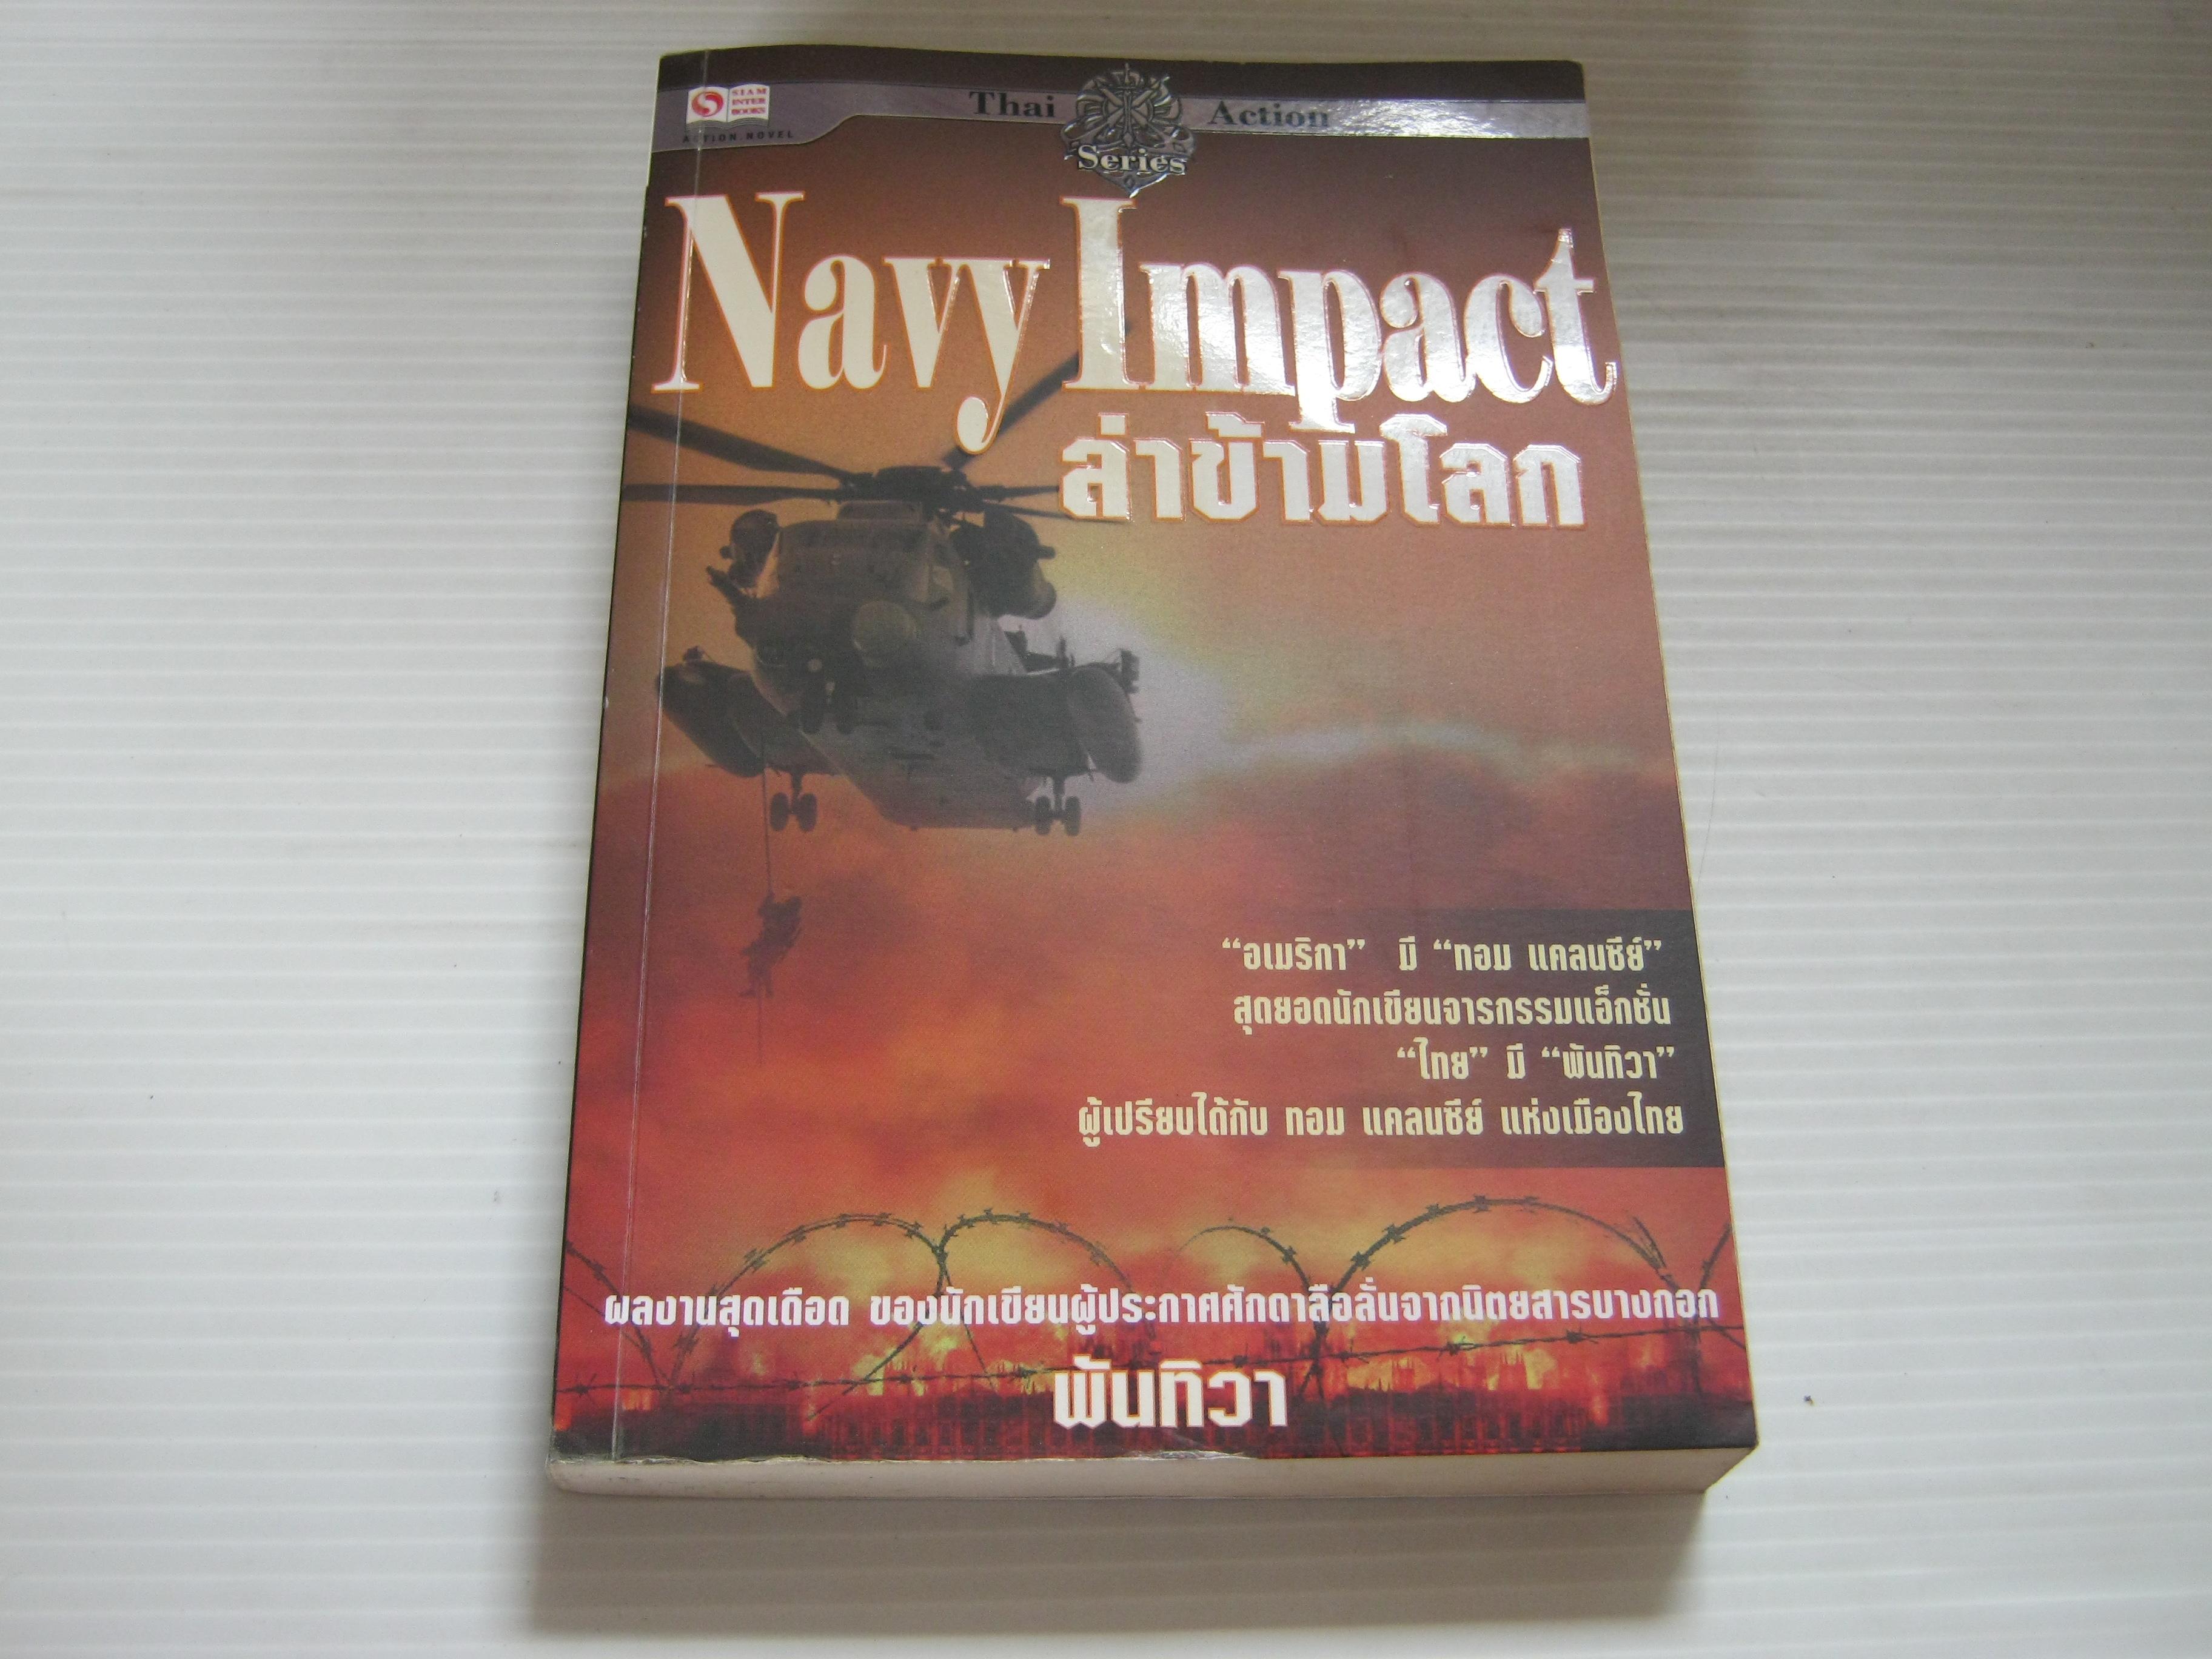 ล่าข้ามโลก (Navy Impace) พันทิวา เขียน